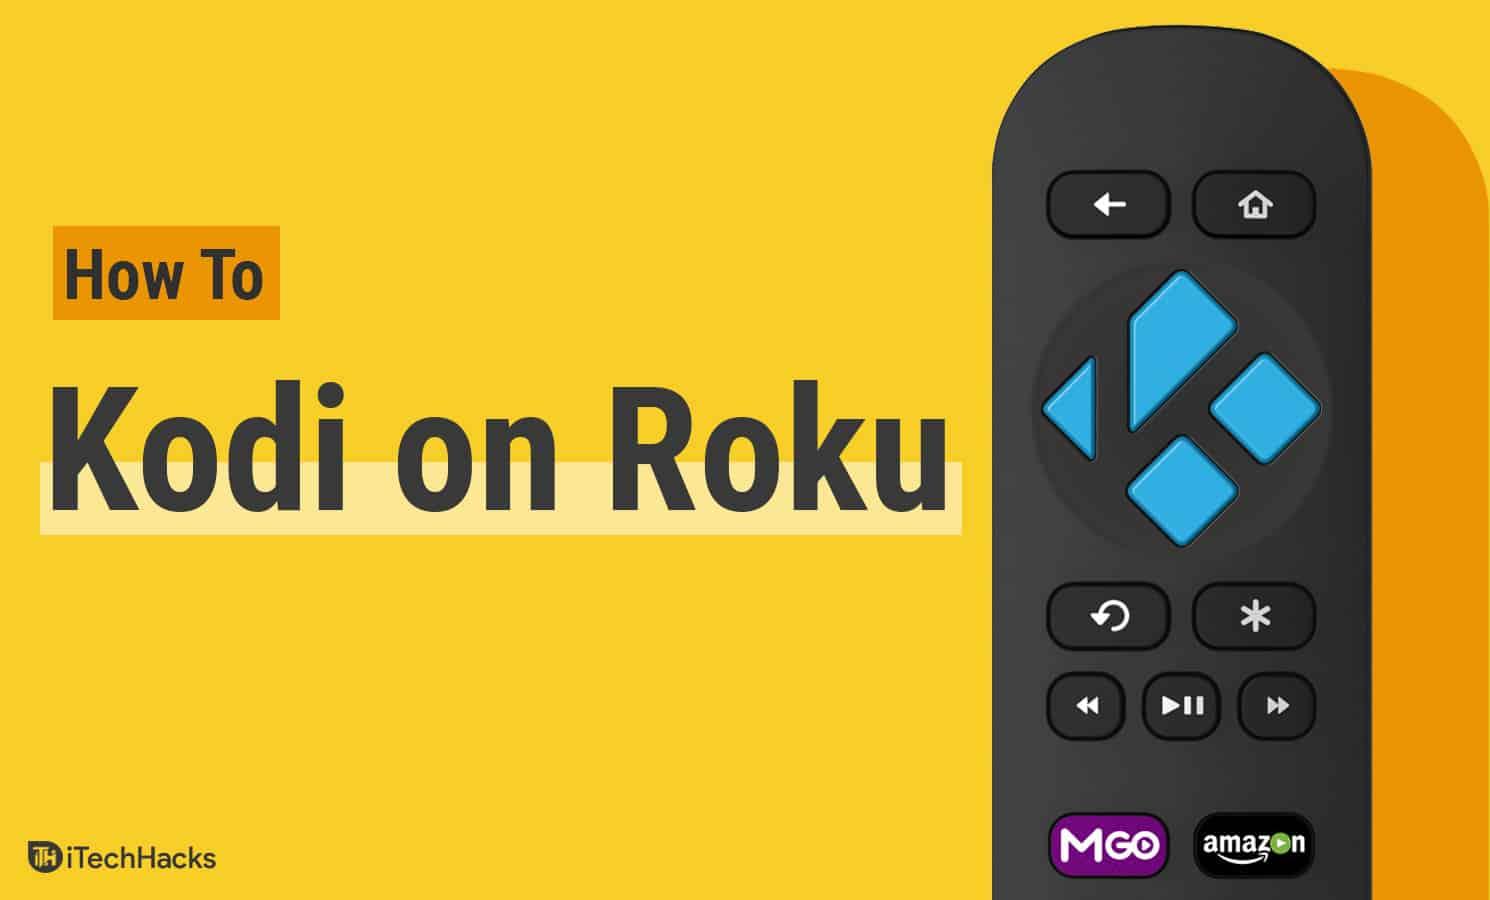 How to Install & Setup Kodi v19.1 on Roku